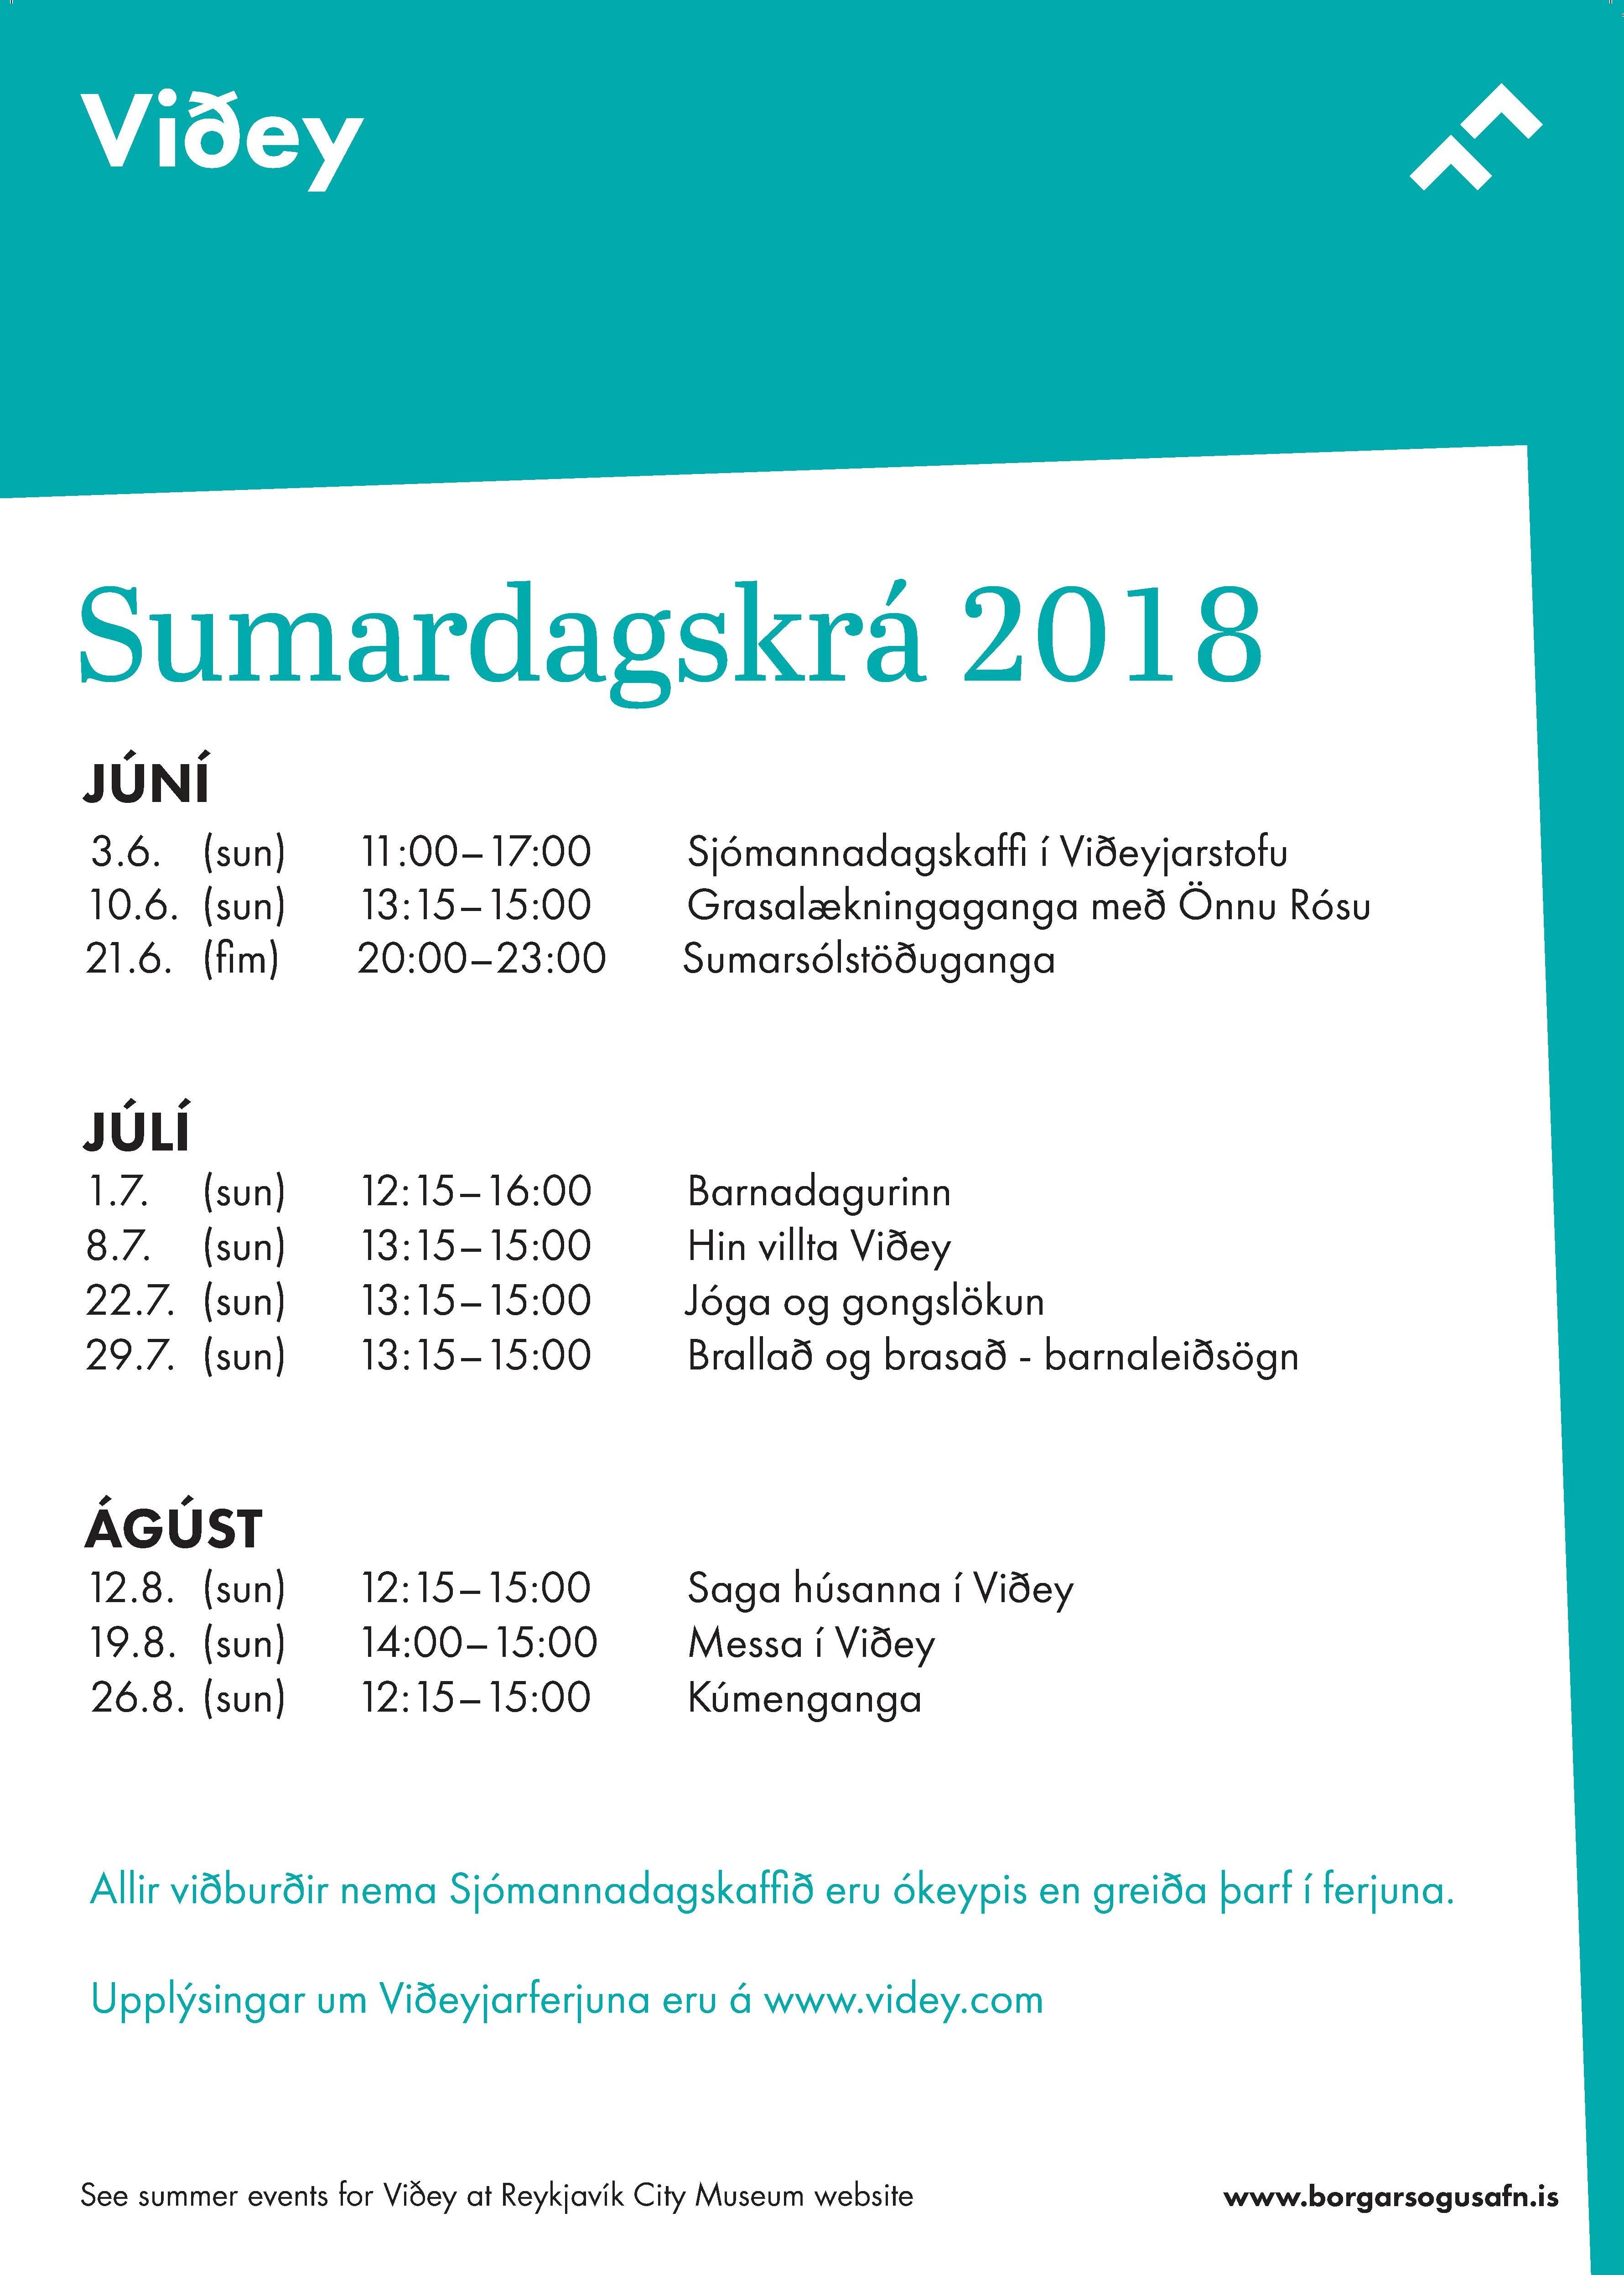 Sumardagskrá Viðeyjar 2018